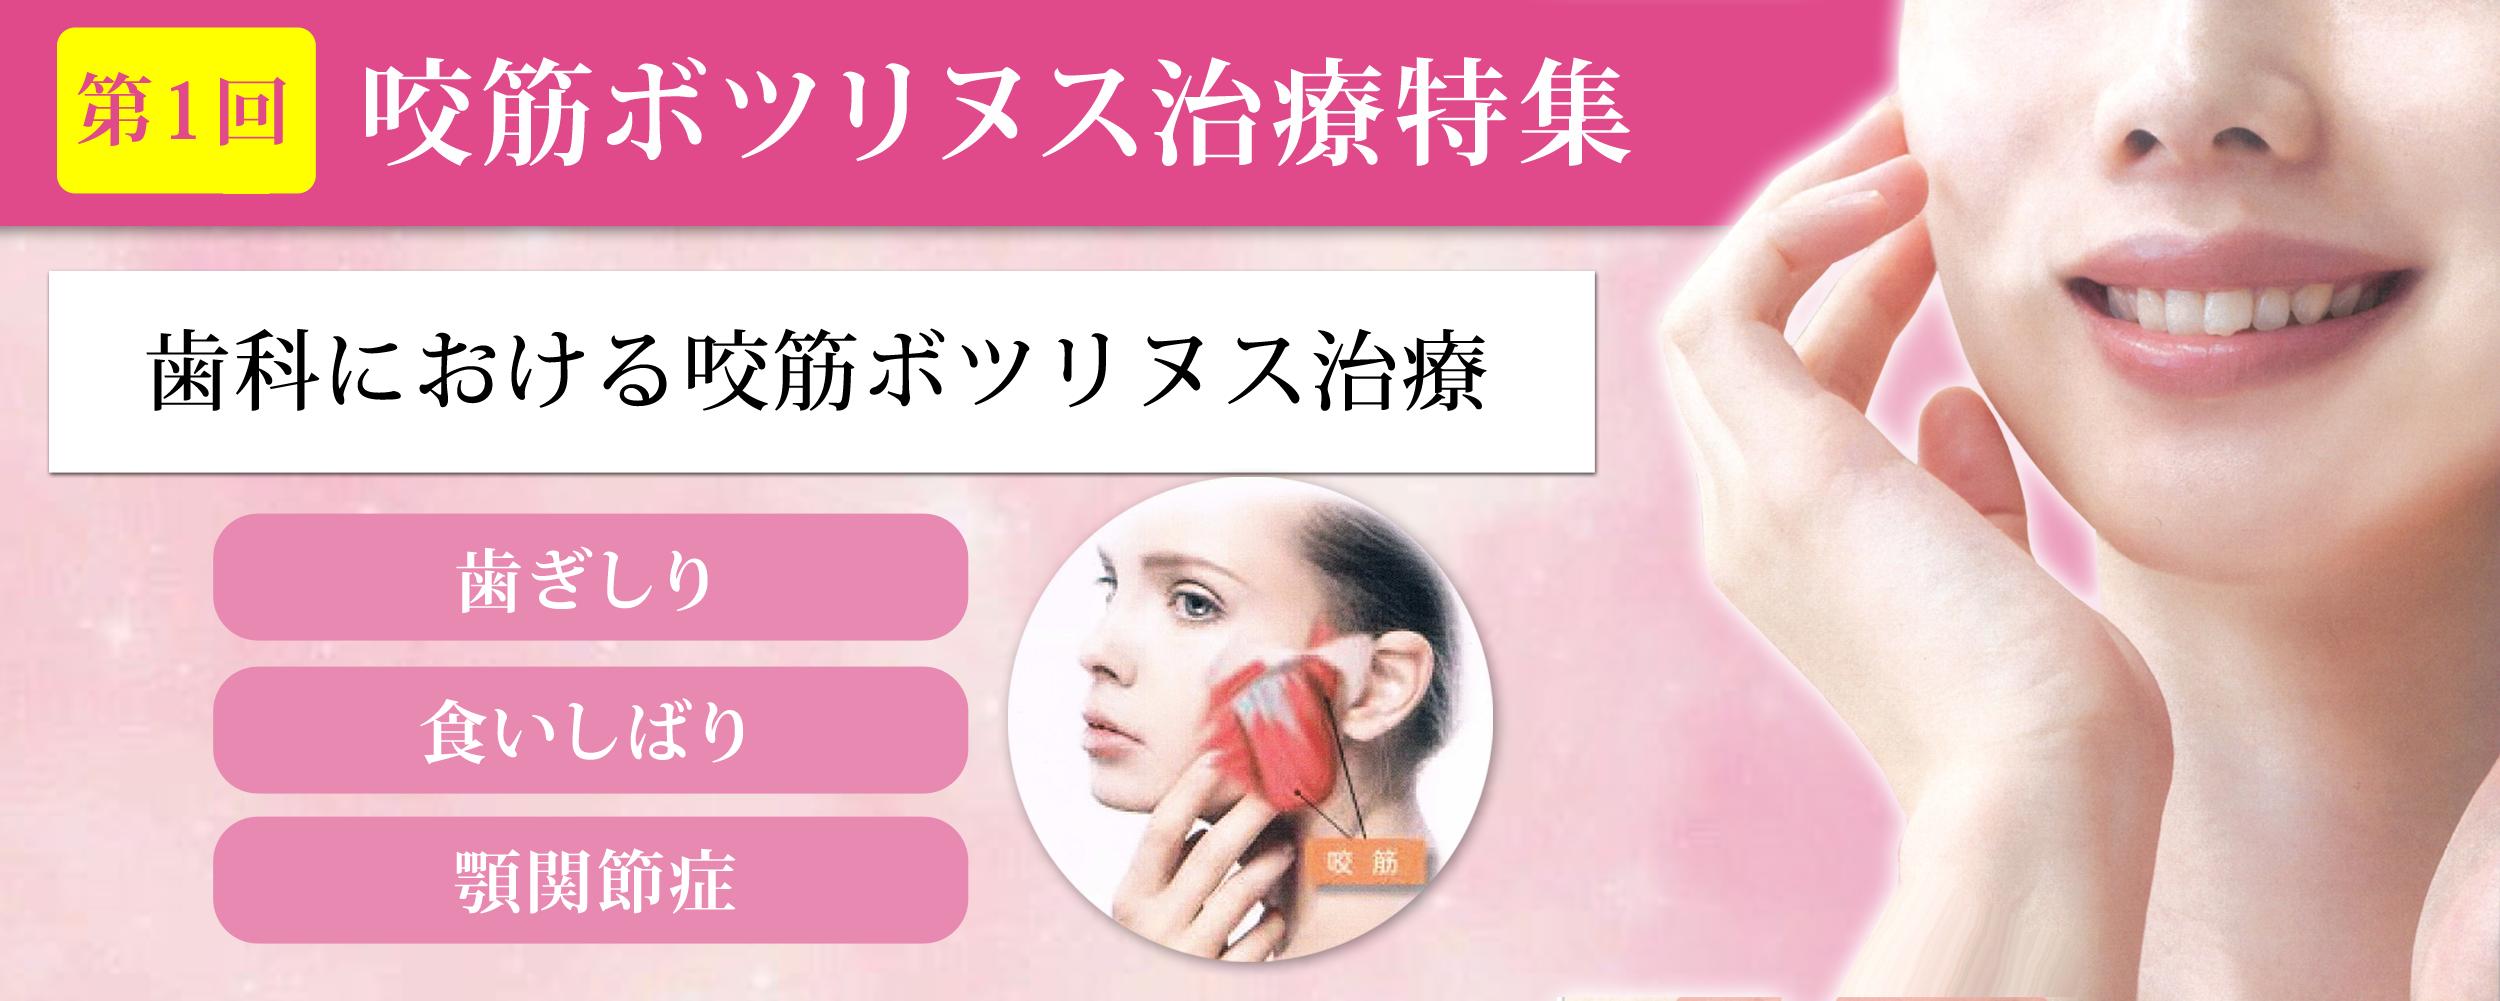 【ボツリヌス治療特集】歯科における咬筋ボツリヌス治療(第1回/全3回)